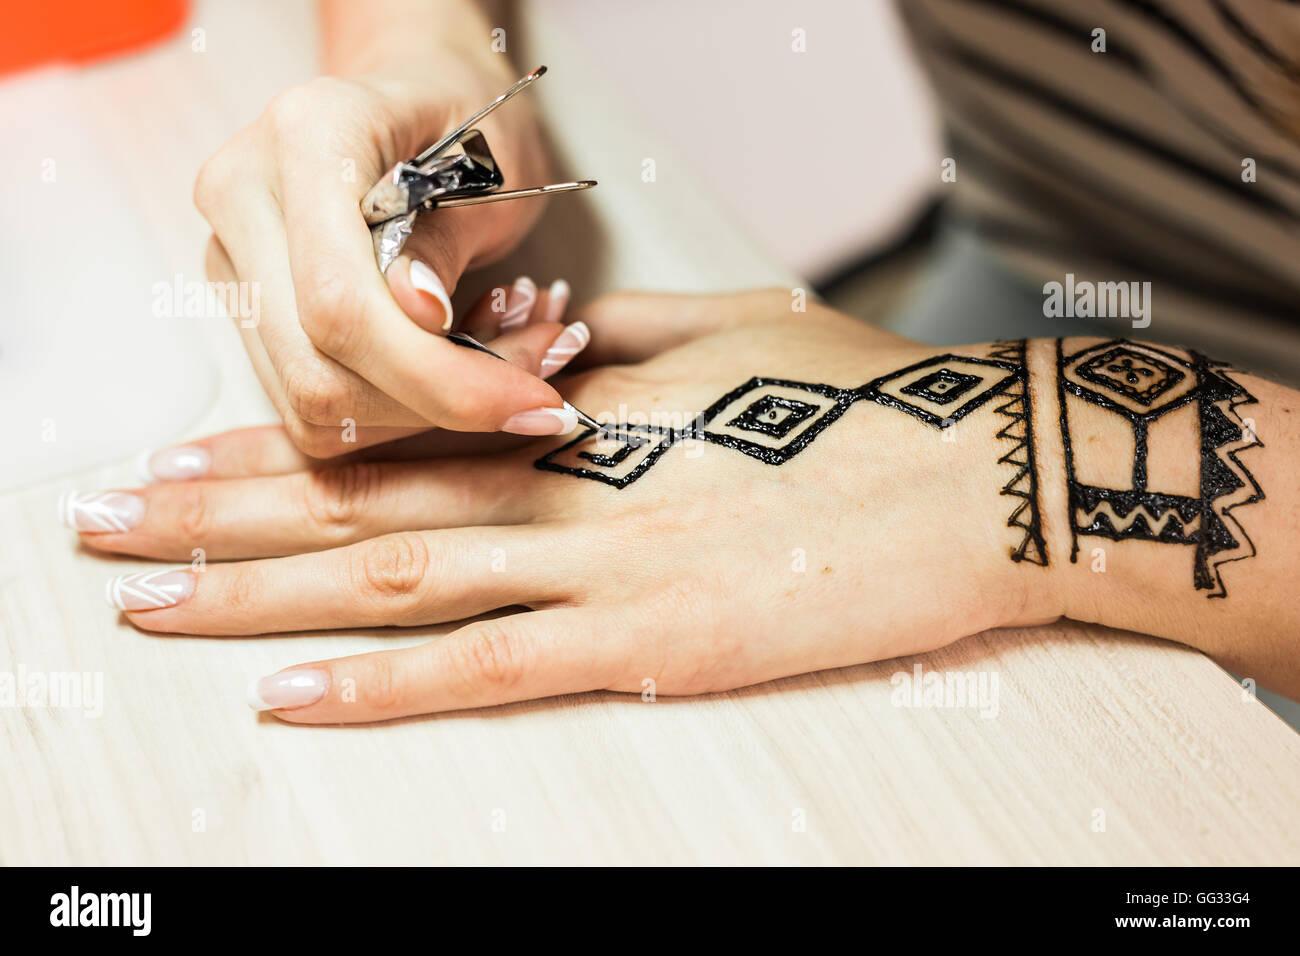 Artist applying henna tattoo on women hands. Mehndi is